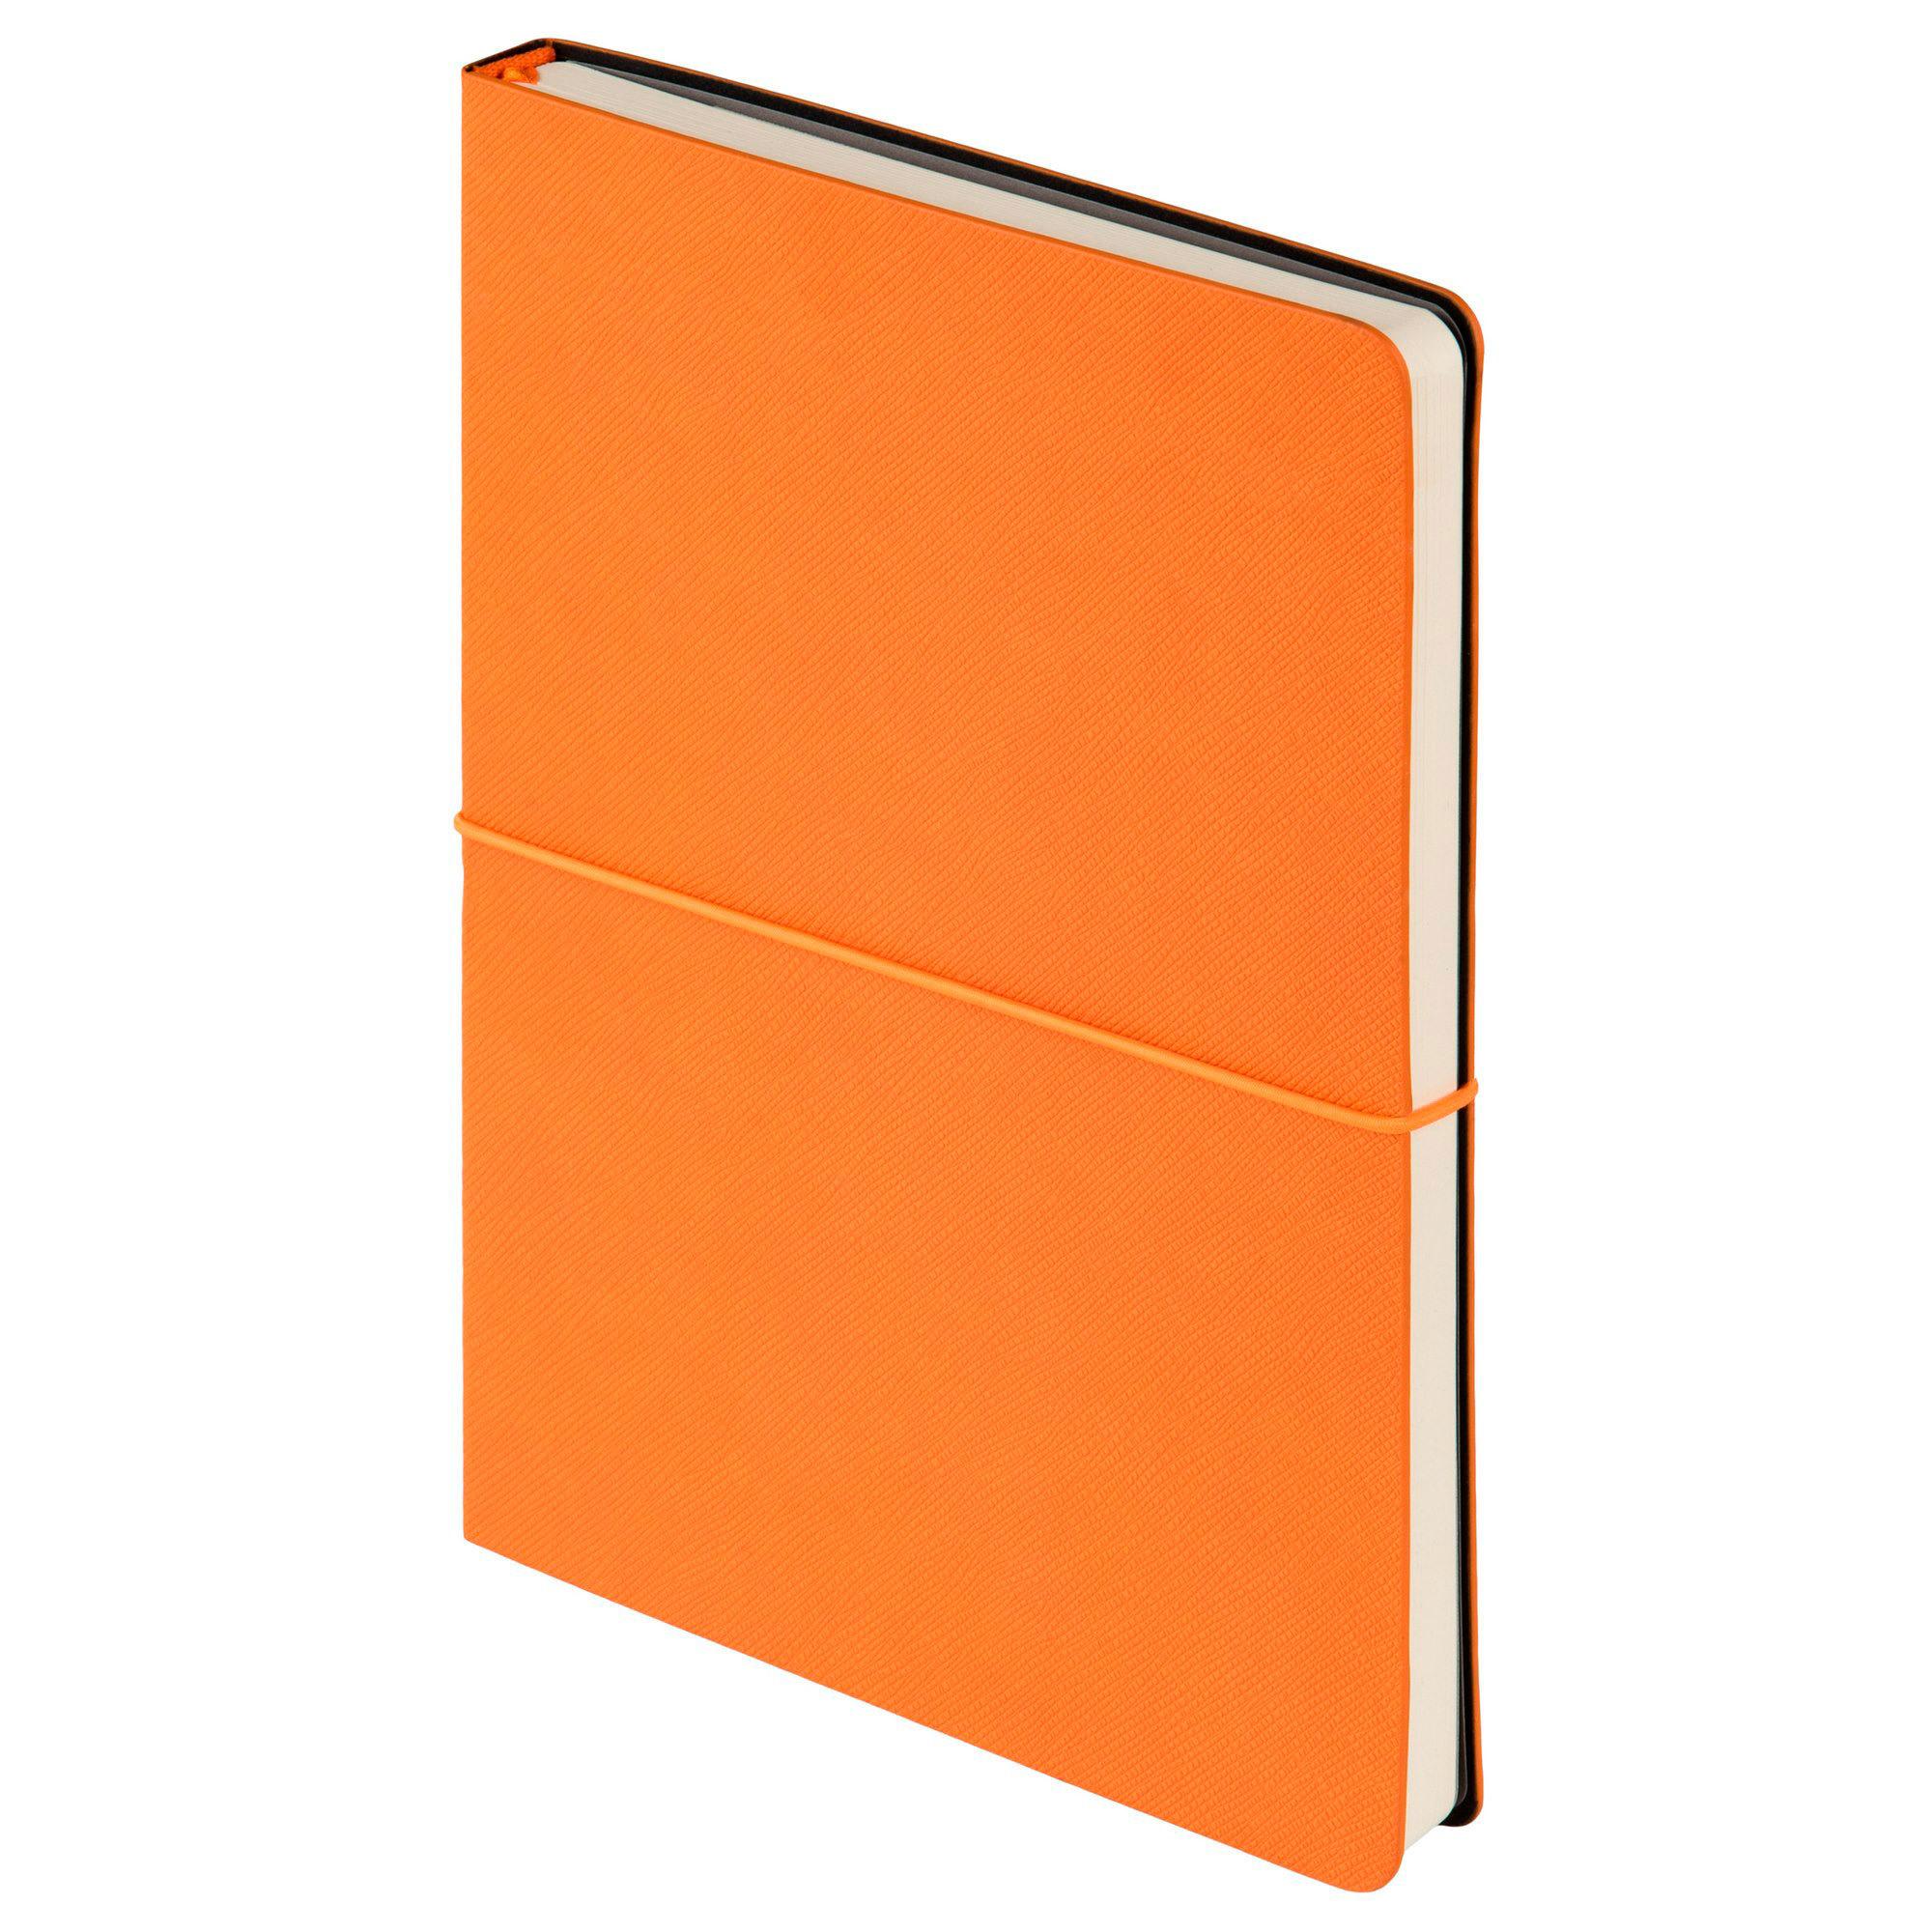 Ежедневник недатированный, Portobello Trend, Summer time, 145х210, 256стр, оранжевый